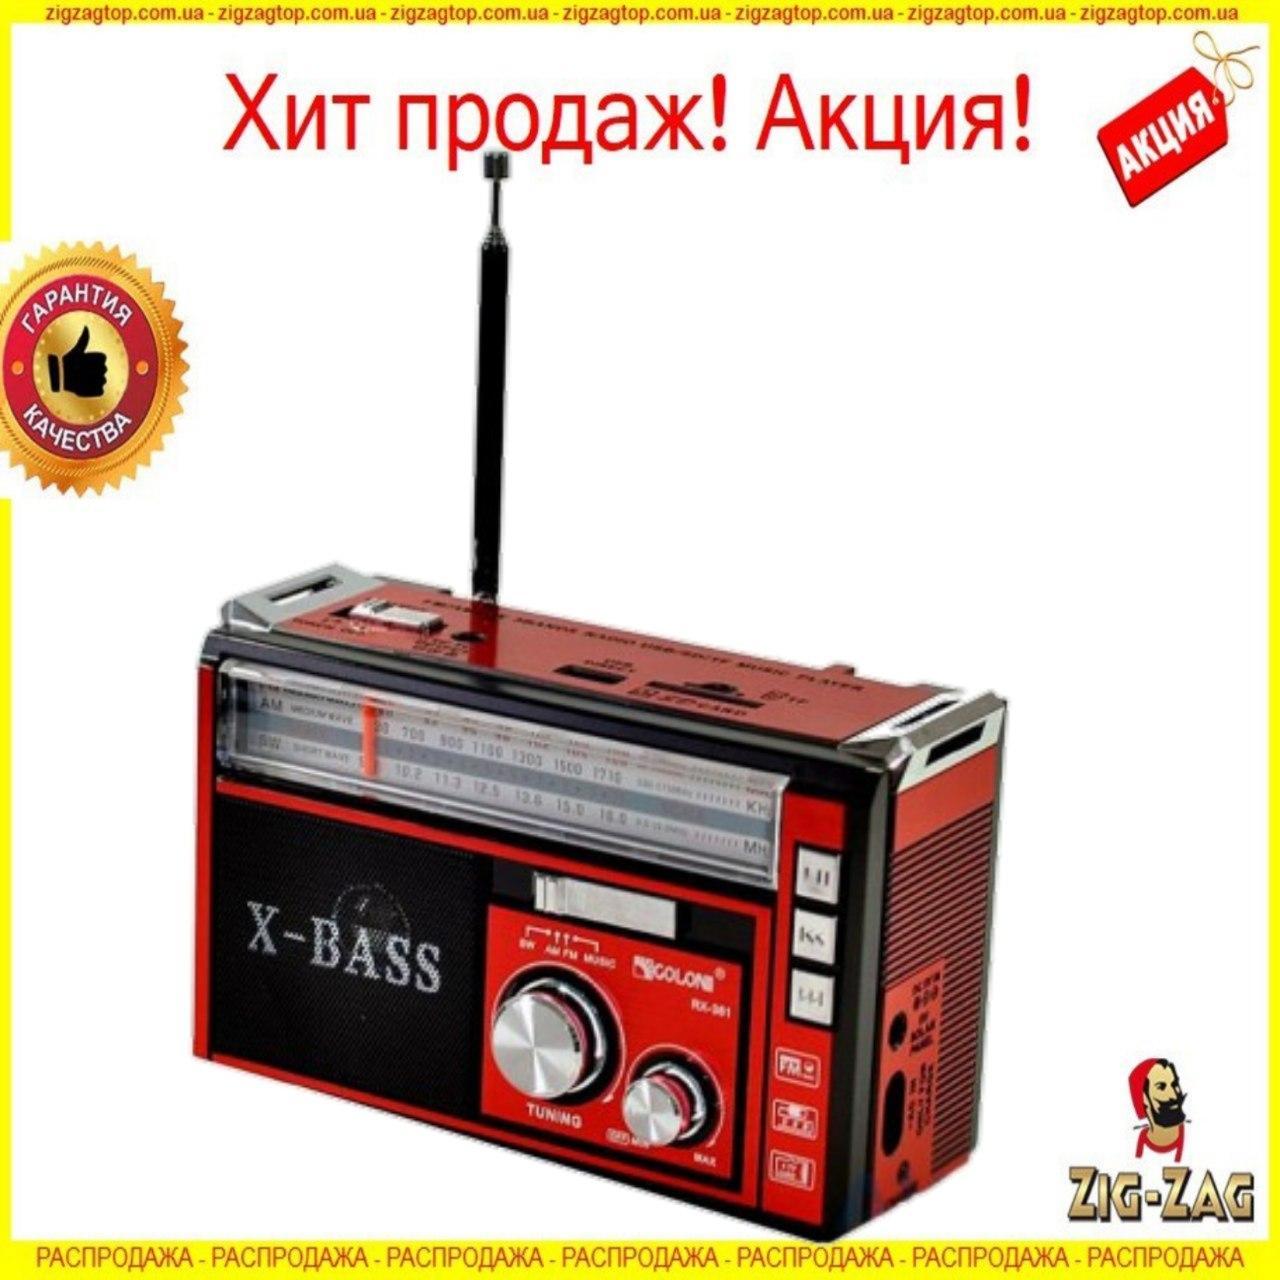 Радіоприймач колонка Golon RX-382 Радіо FM USB/SD Магнітофон Відмінний вибір для дачі або будинку Радіоприймач